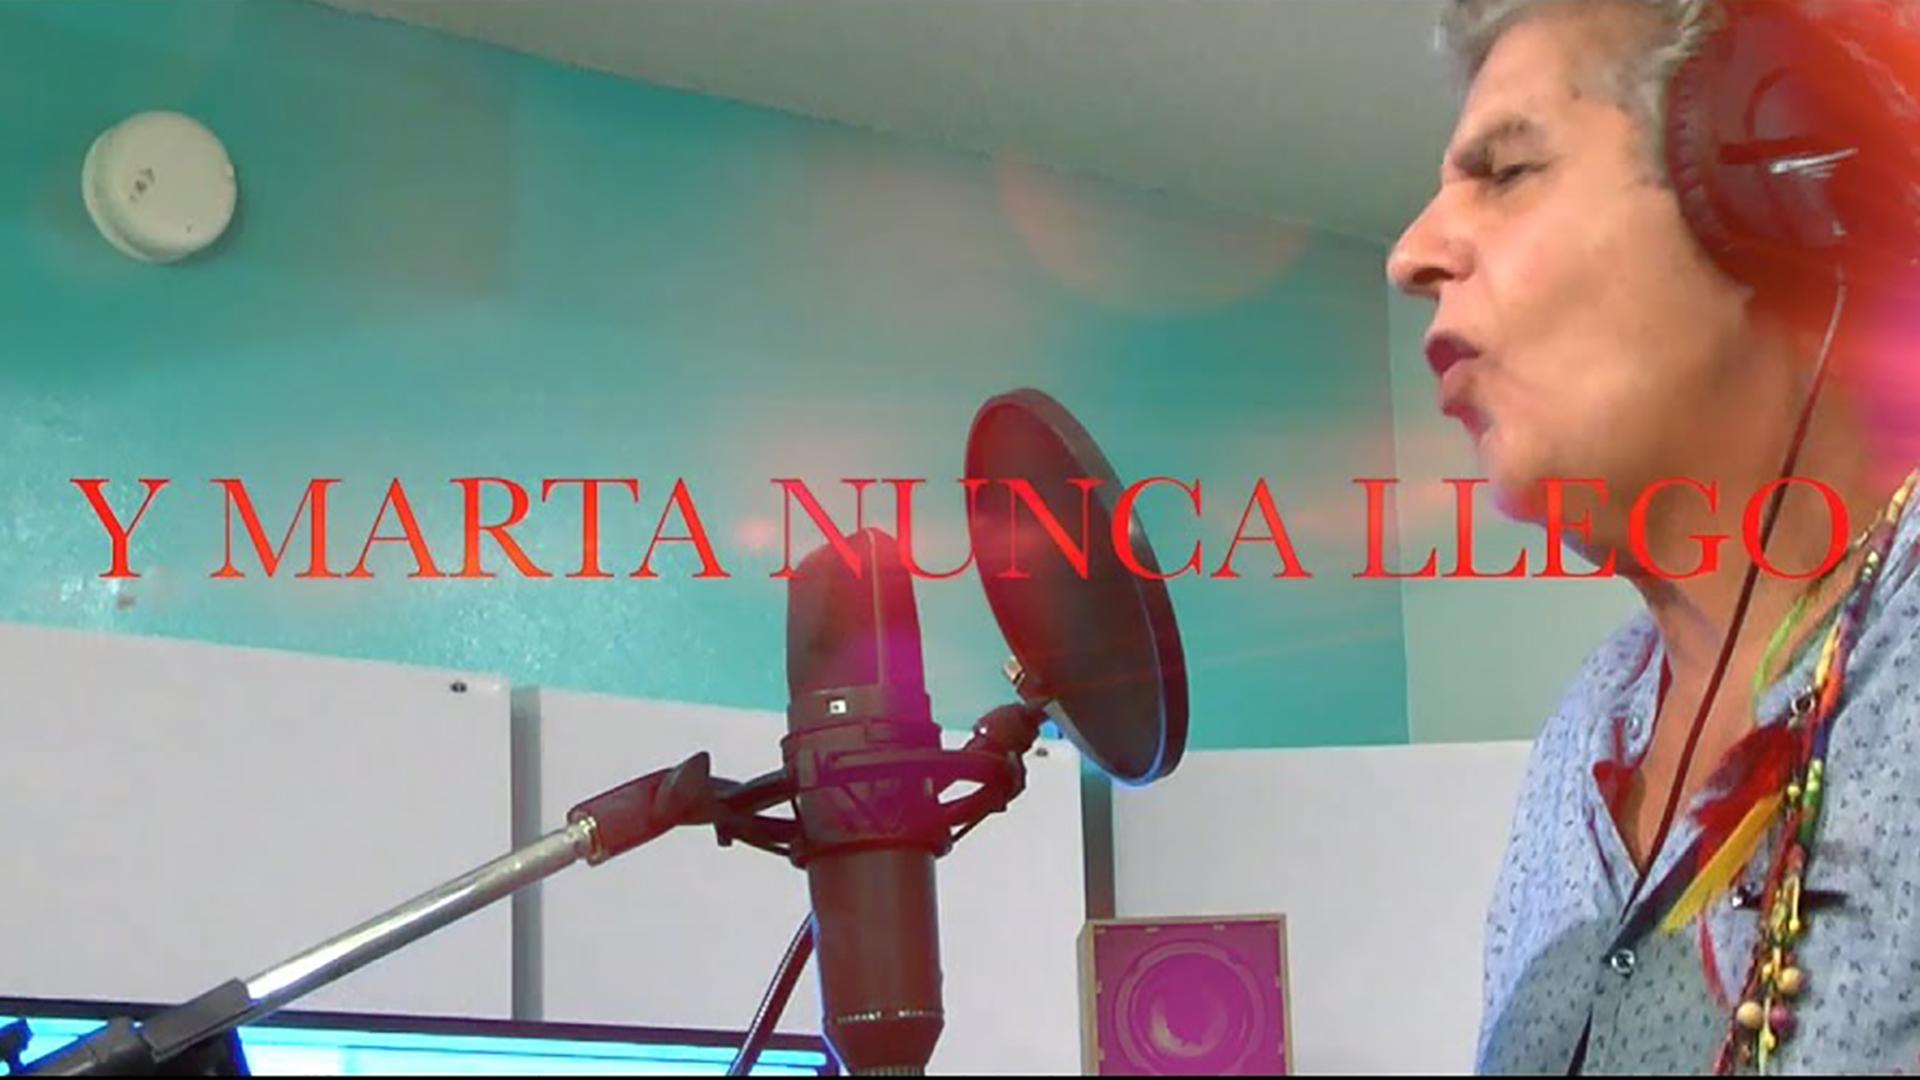 Y MARTA NUNCA LLEGÓ